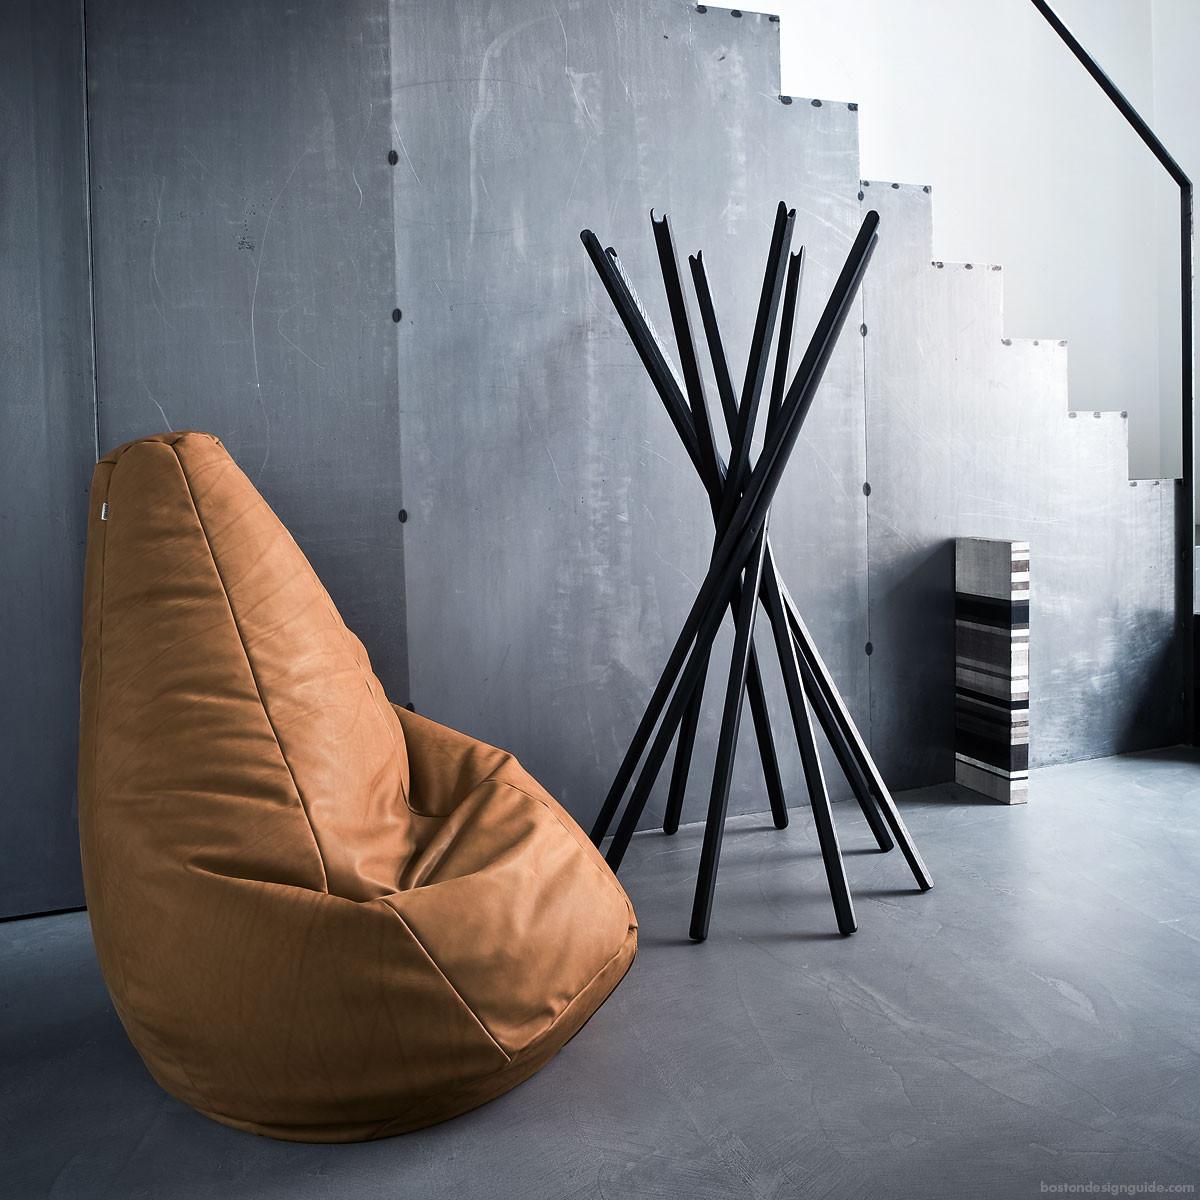 Italian Furniture in Boston